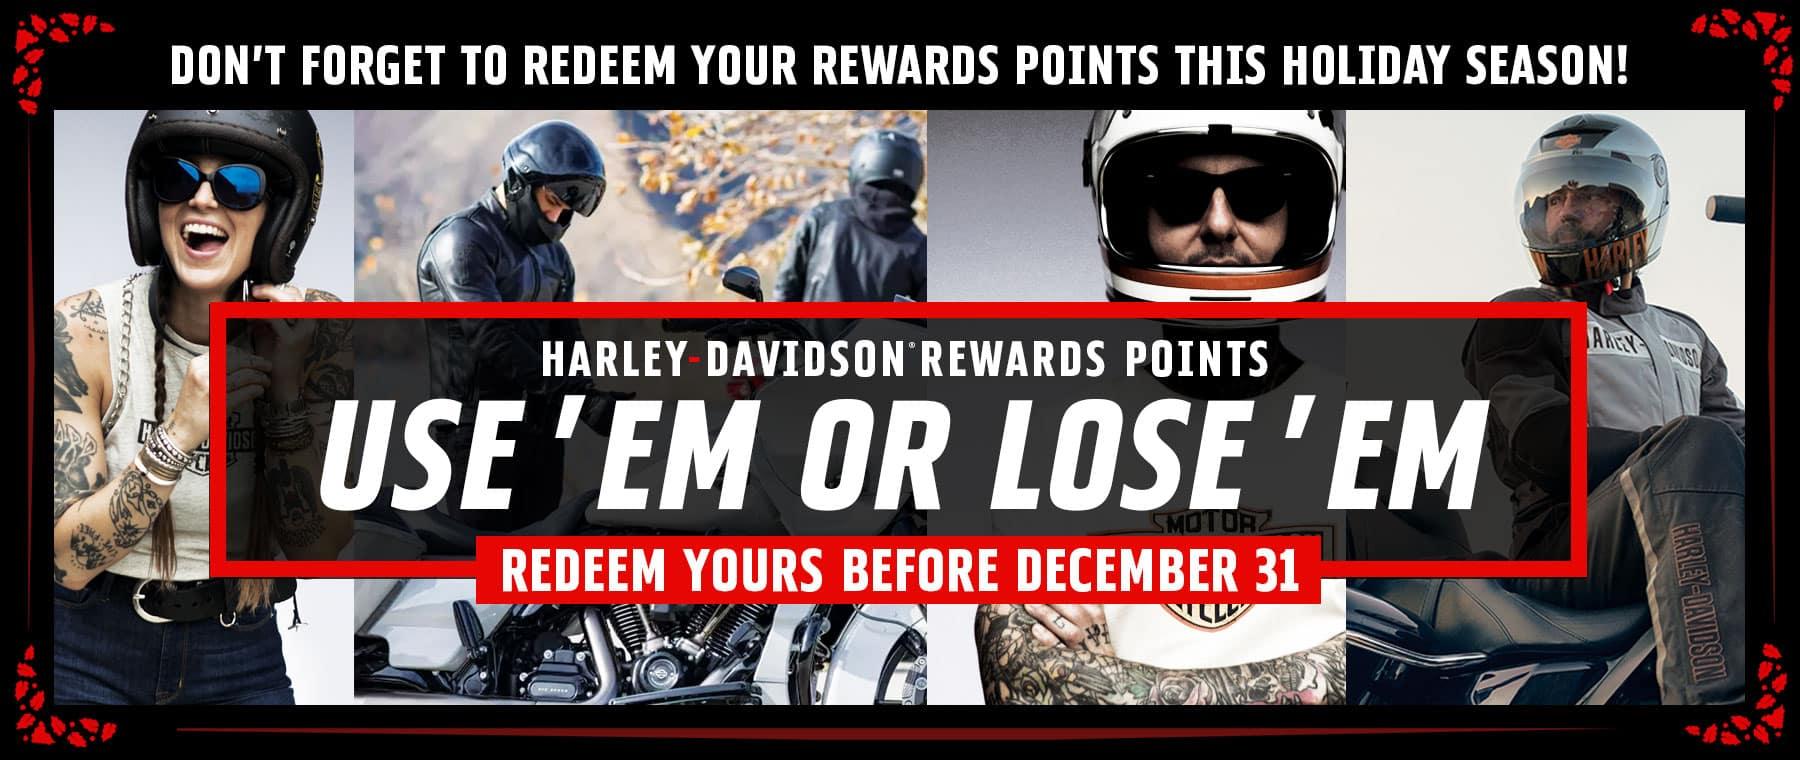 HD_Redeem_rewards_rot_1800x760